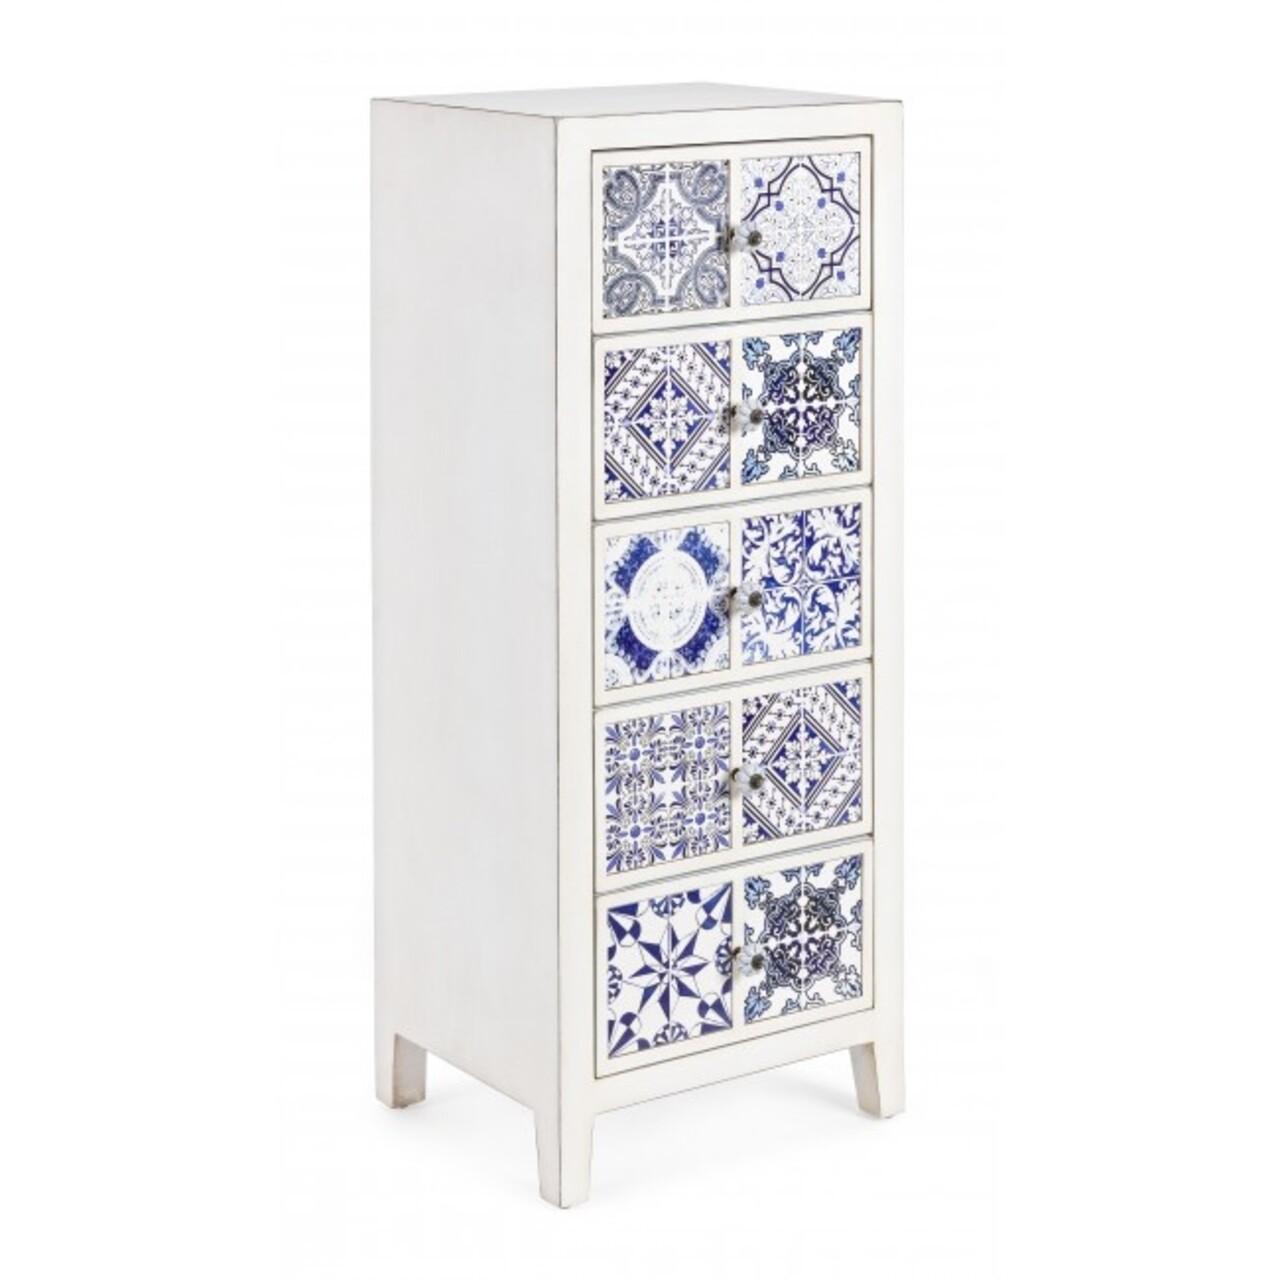 Comoda cu 5 sertare, Demetra, Bizzotto, 43x33x108 cm, lemn de brad/ceramica